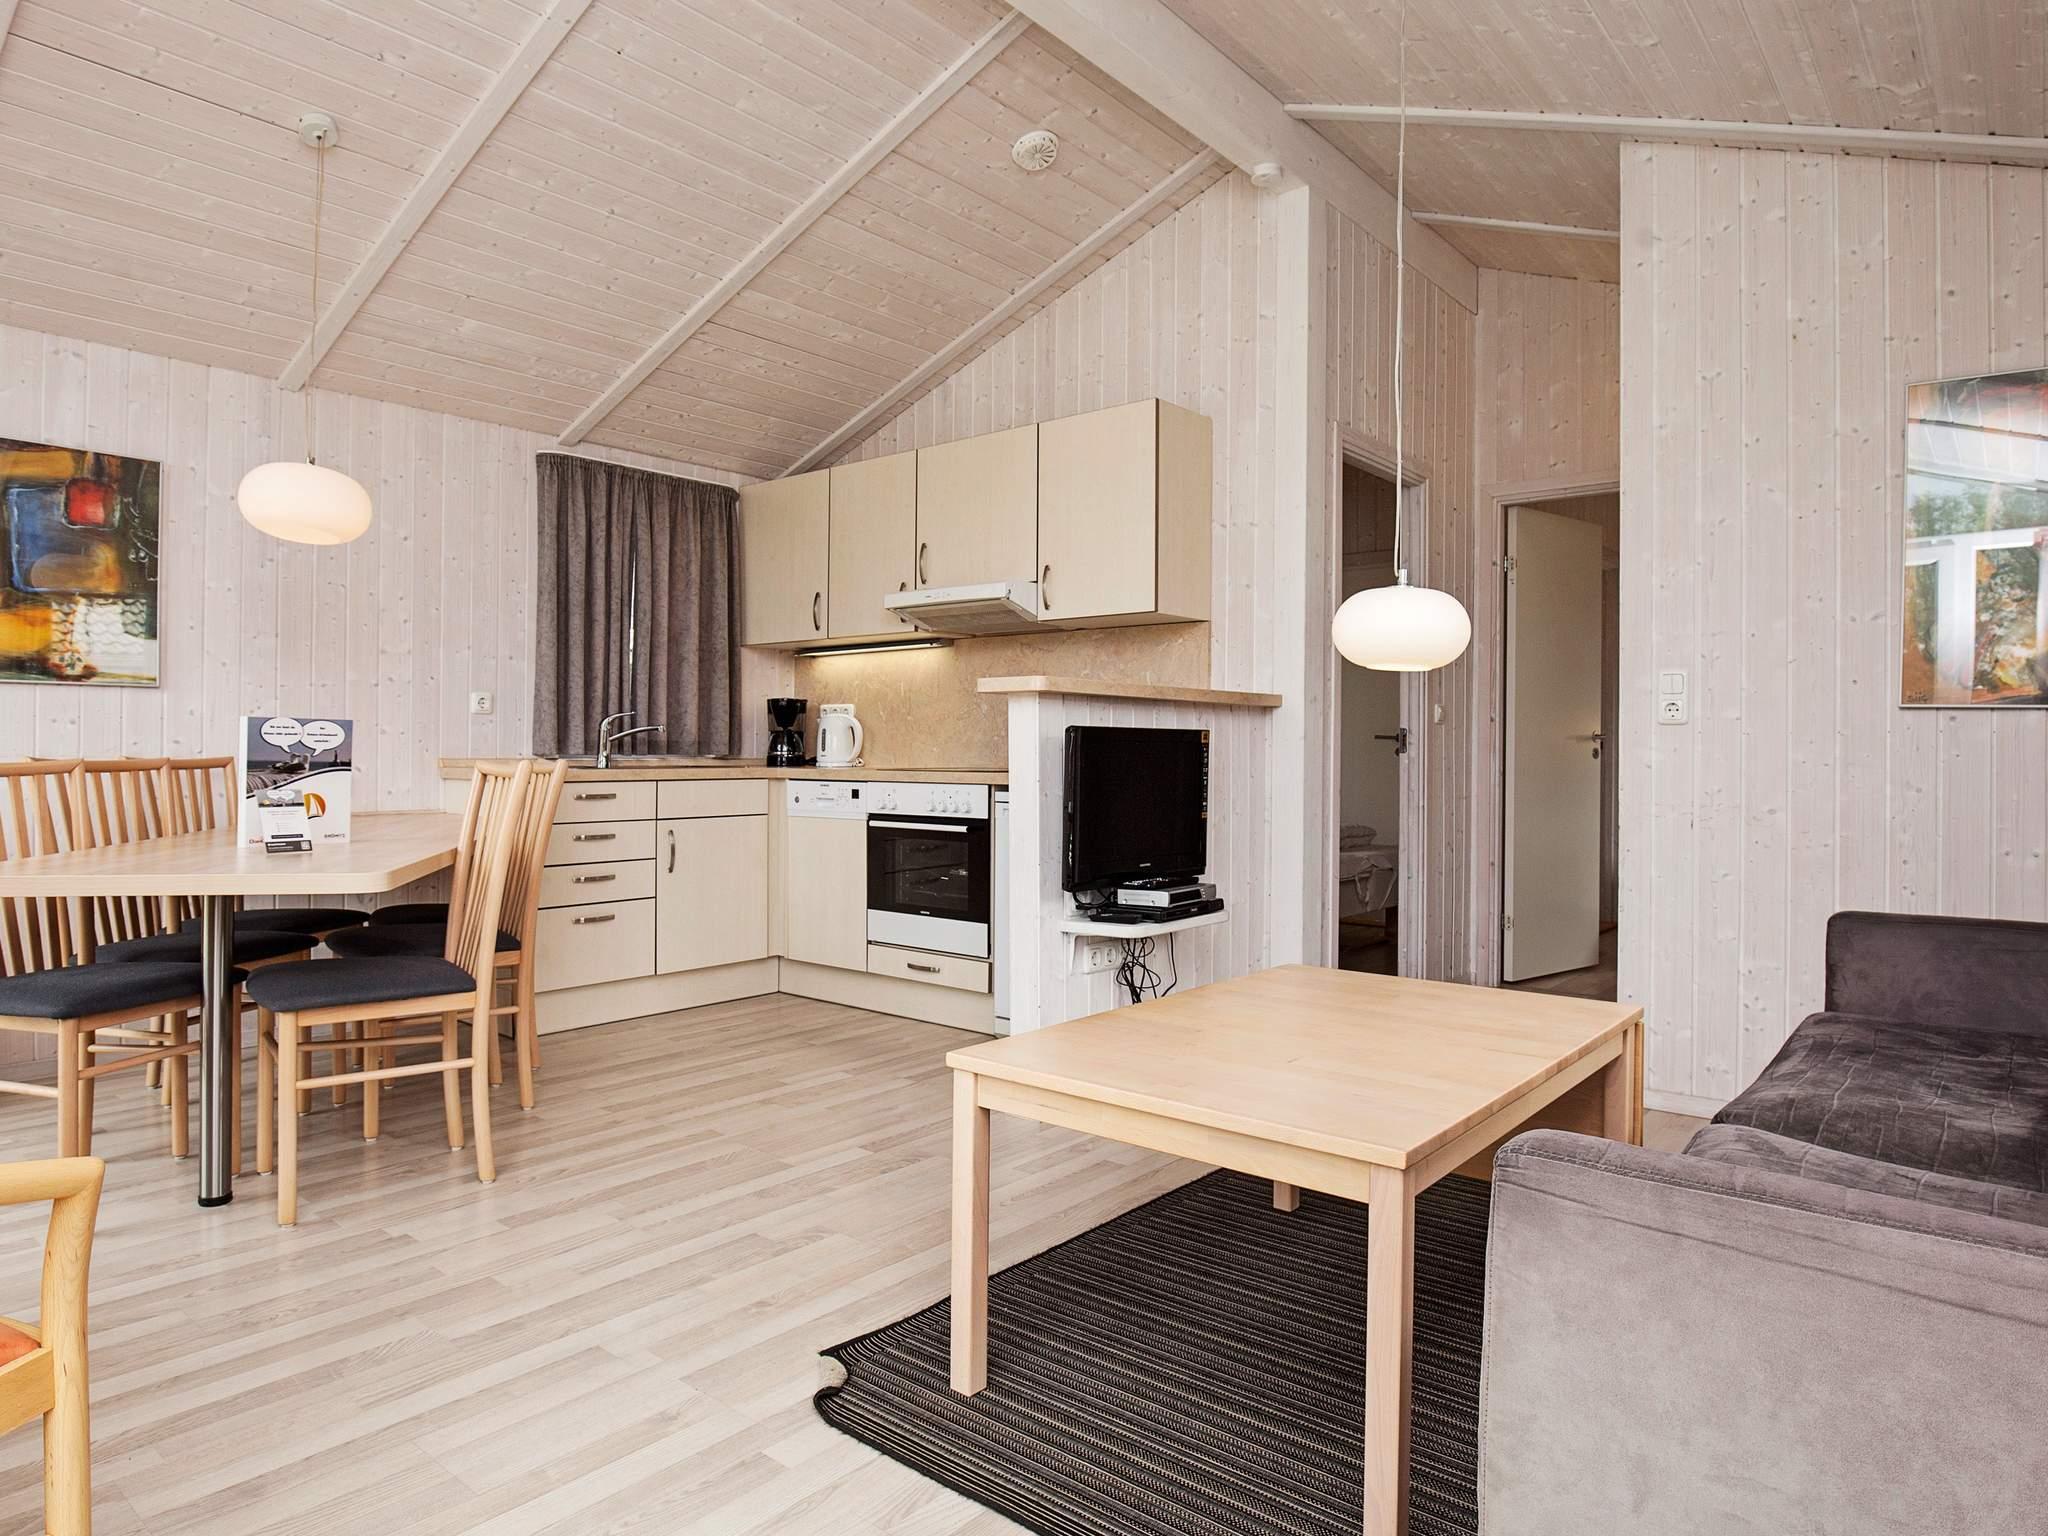 Maison de vacances Grömitz (436444), Grömitz, Baie de Lübeck, Schleswig-Holstein, Allemagne, image 4